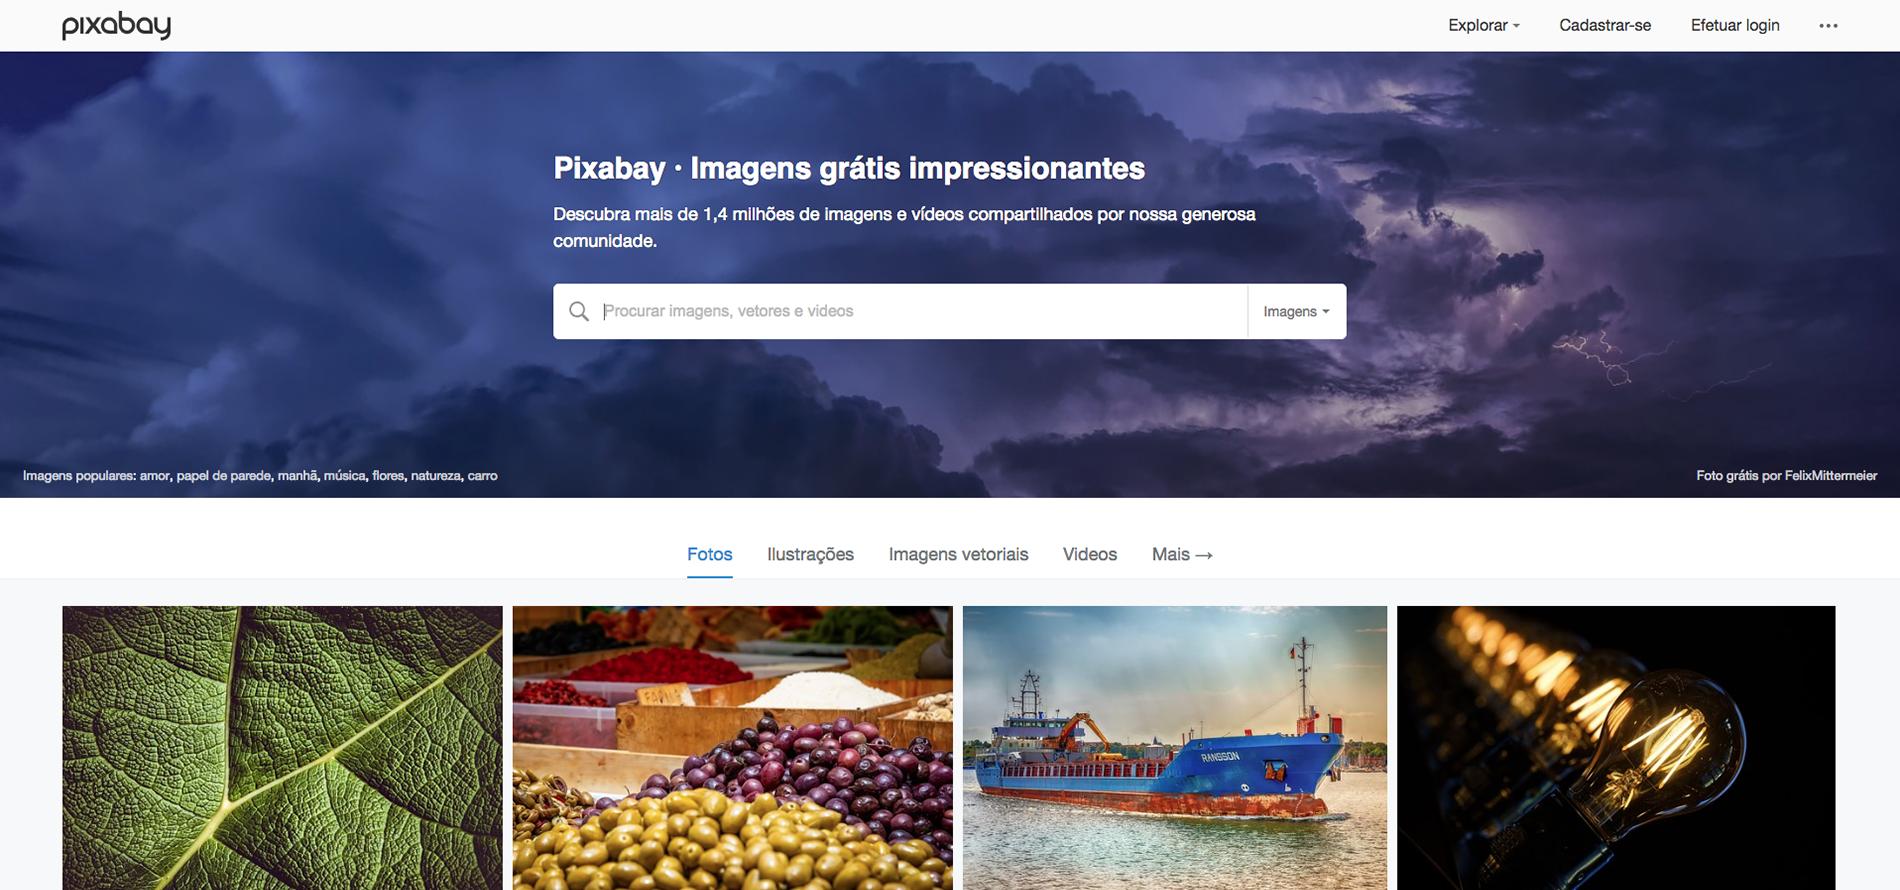 pixabay, bancos de imagens, melhores bancos de imagens, imagens